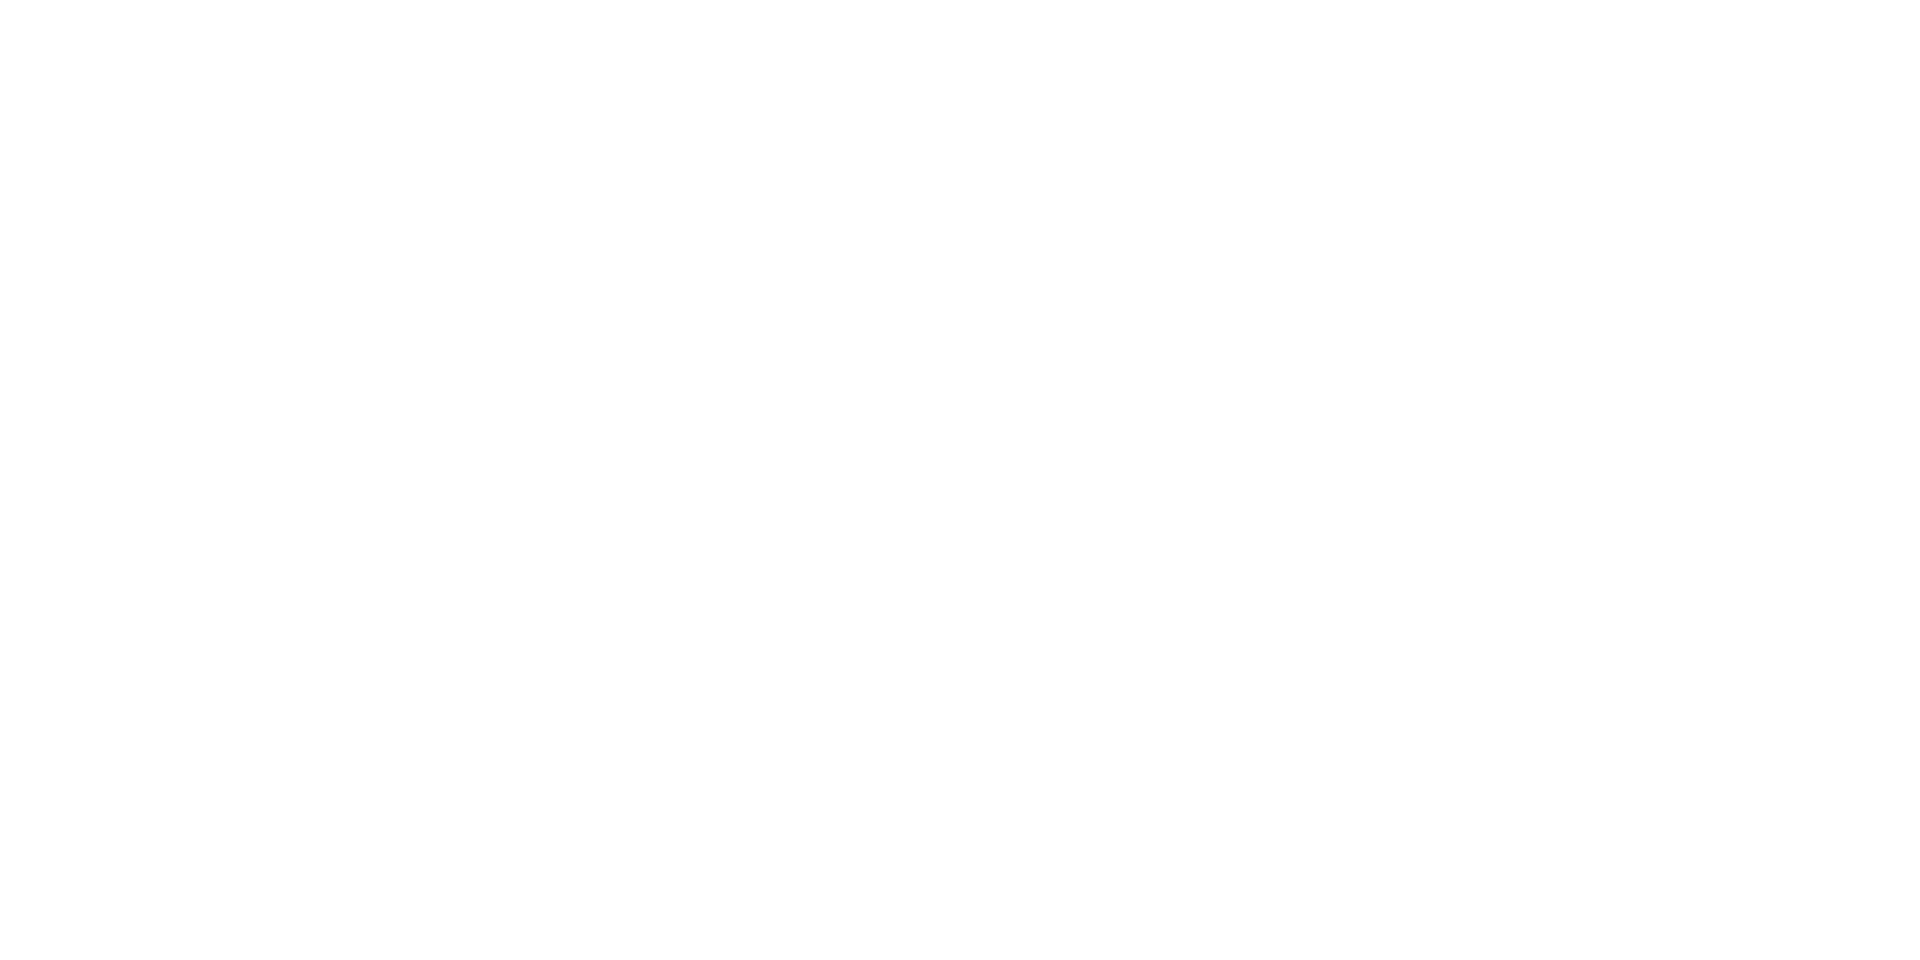 Image Holder for Design